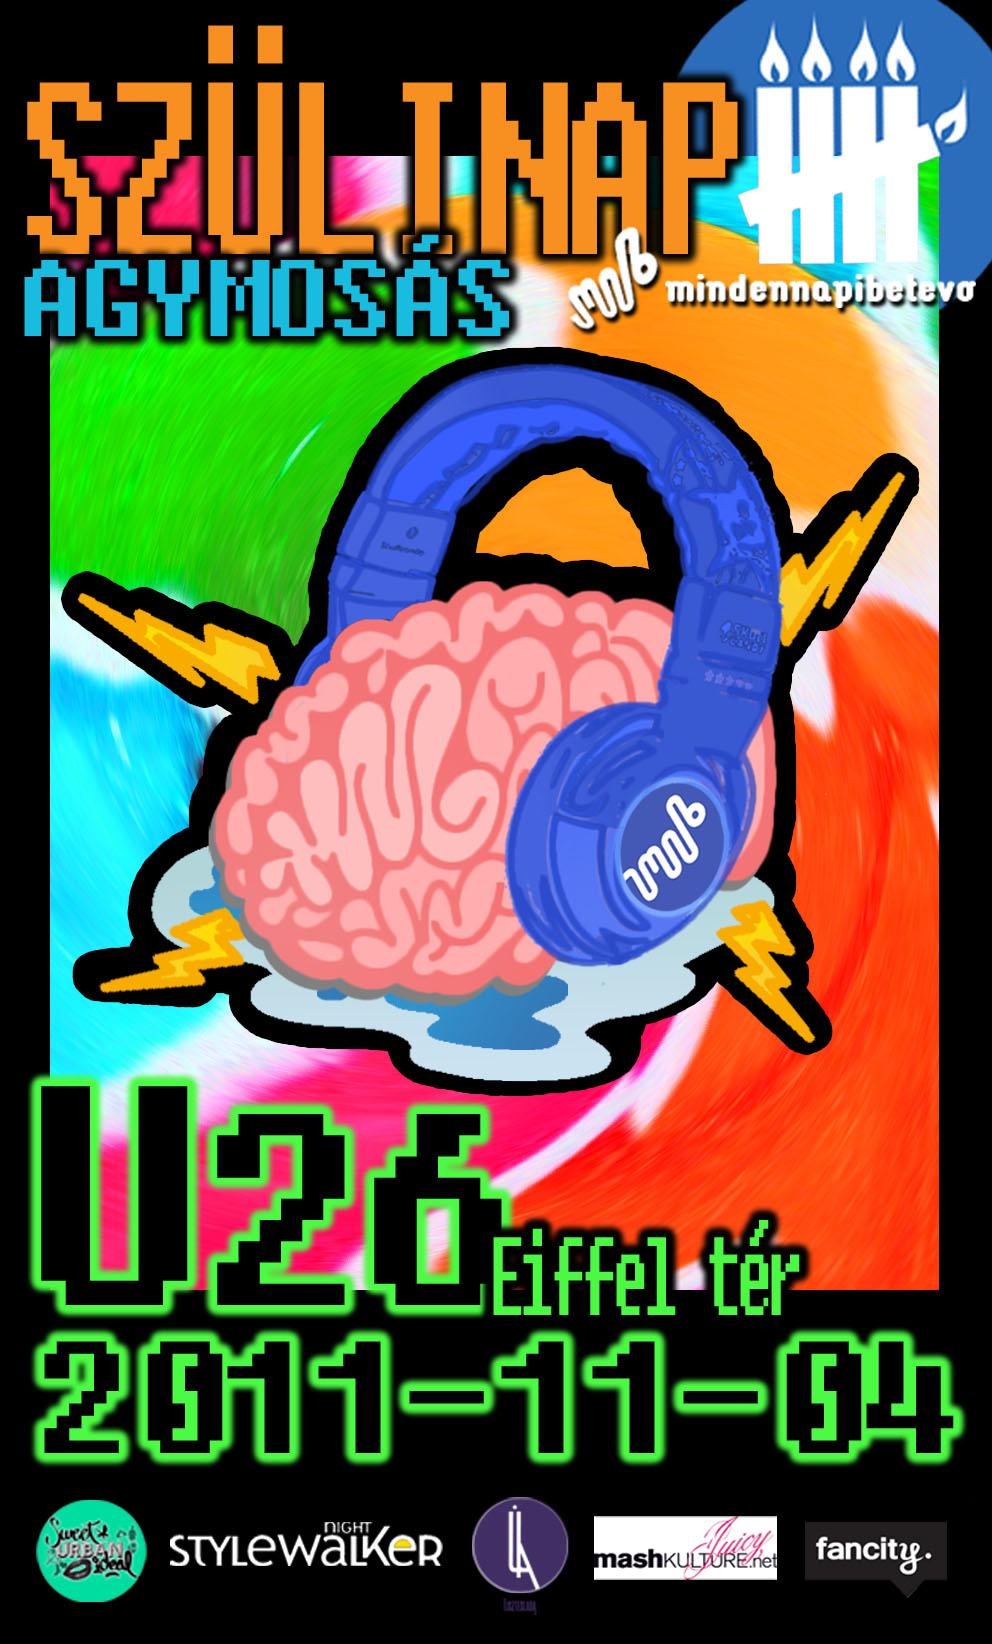 szülinapi agymosás u26 november 4. mindennapi betevő